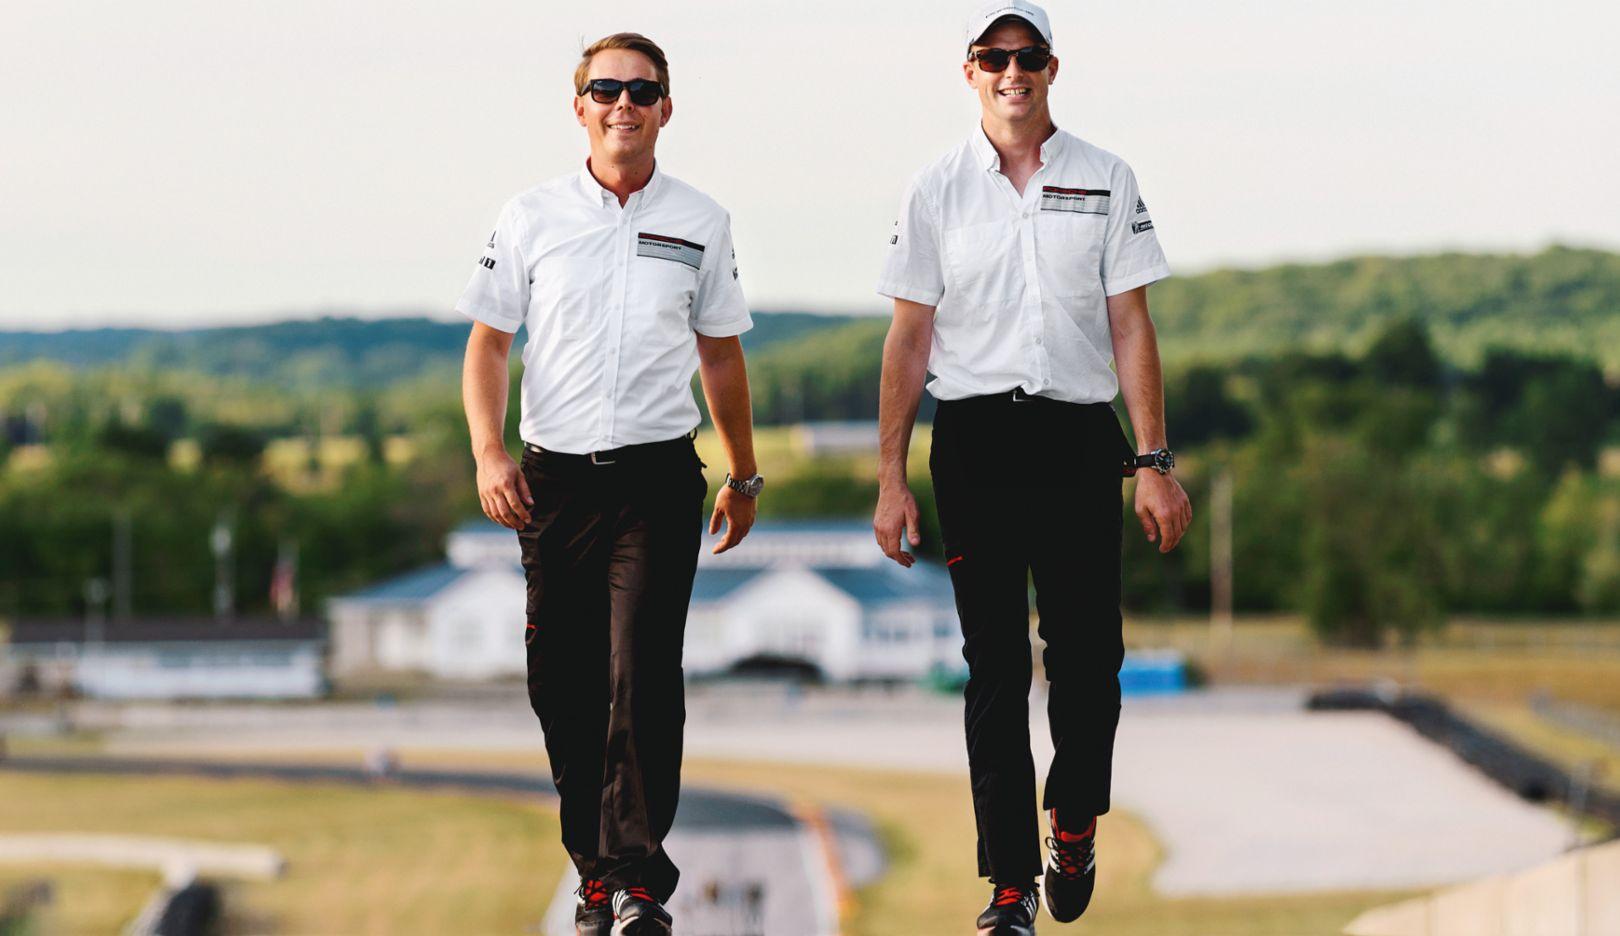 Steffen Höllwarth, Earl Bamber, 2015, Porsche AG